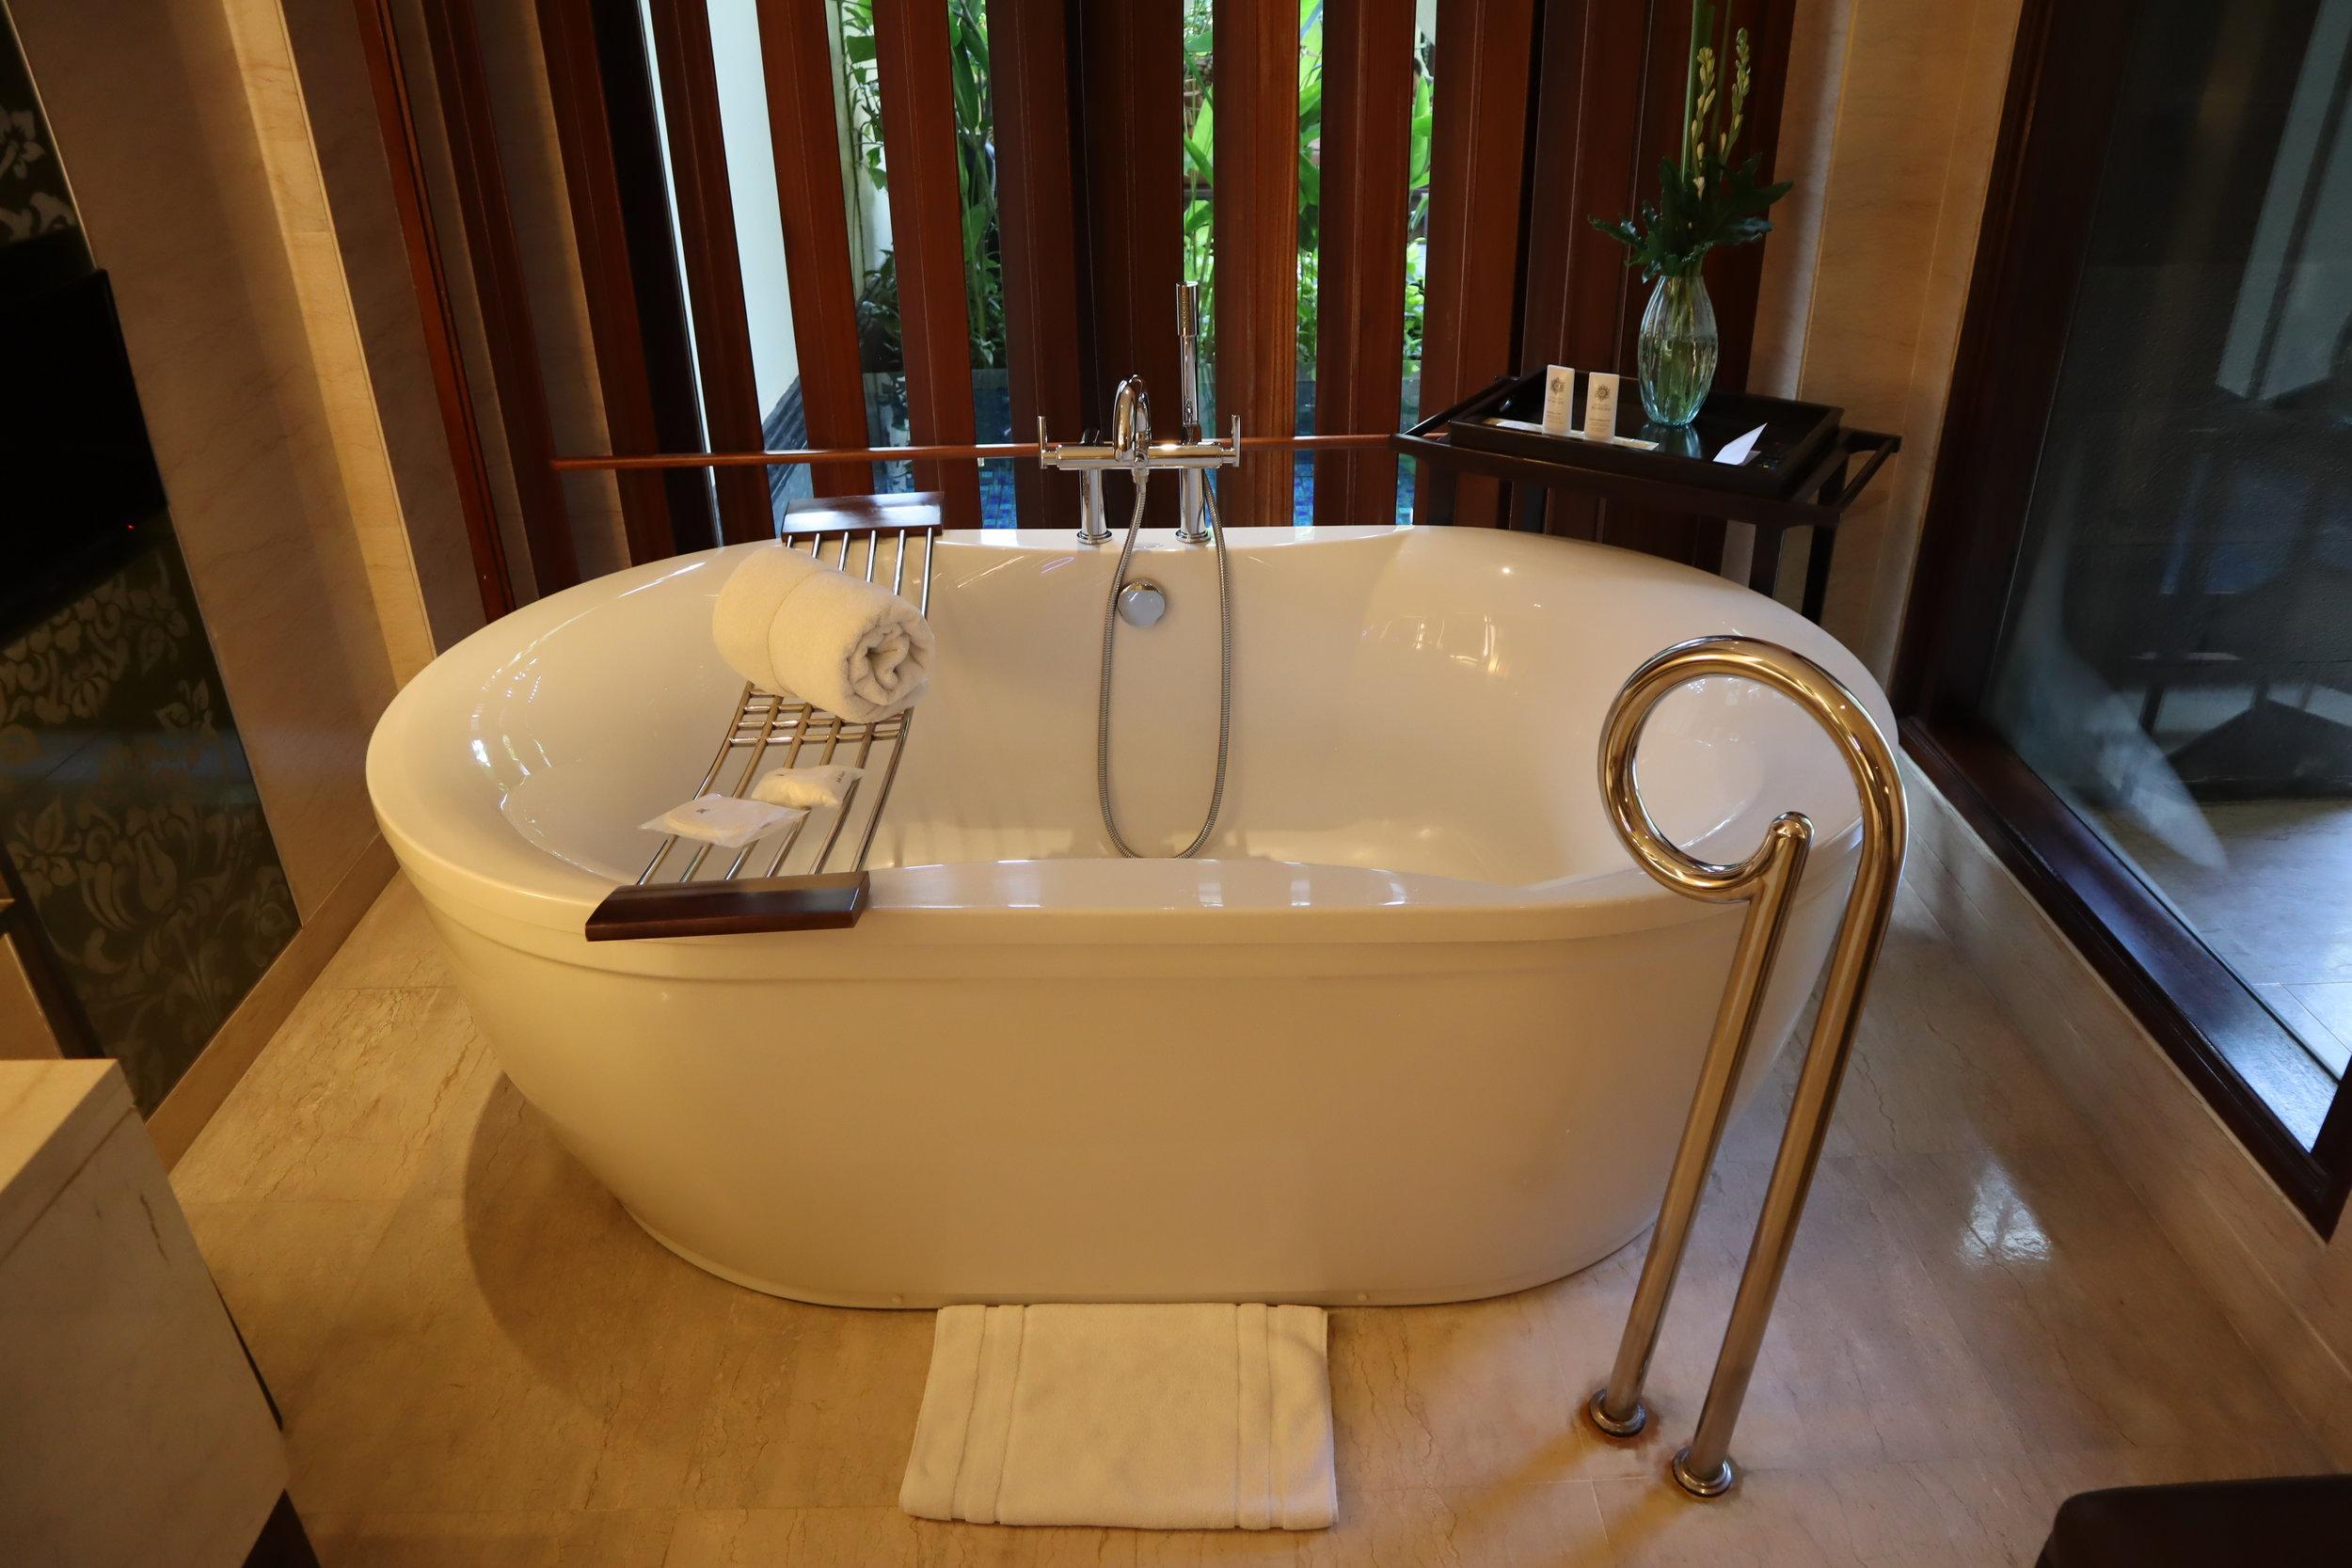 St. Regis Bali – St. Regis Pool Suite bathtub